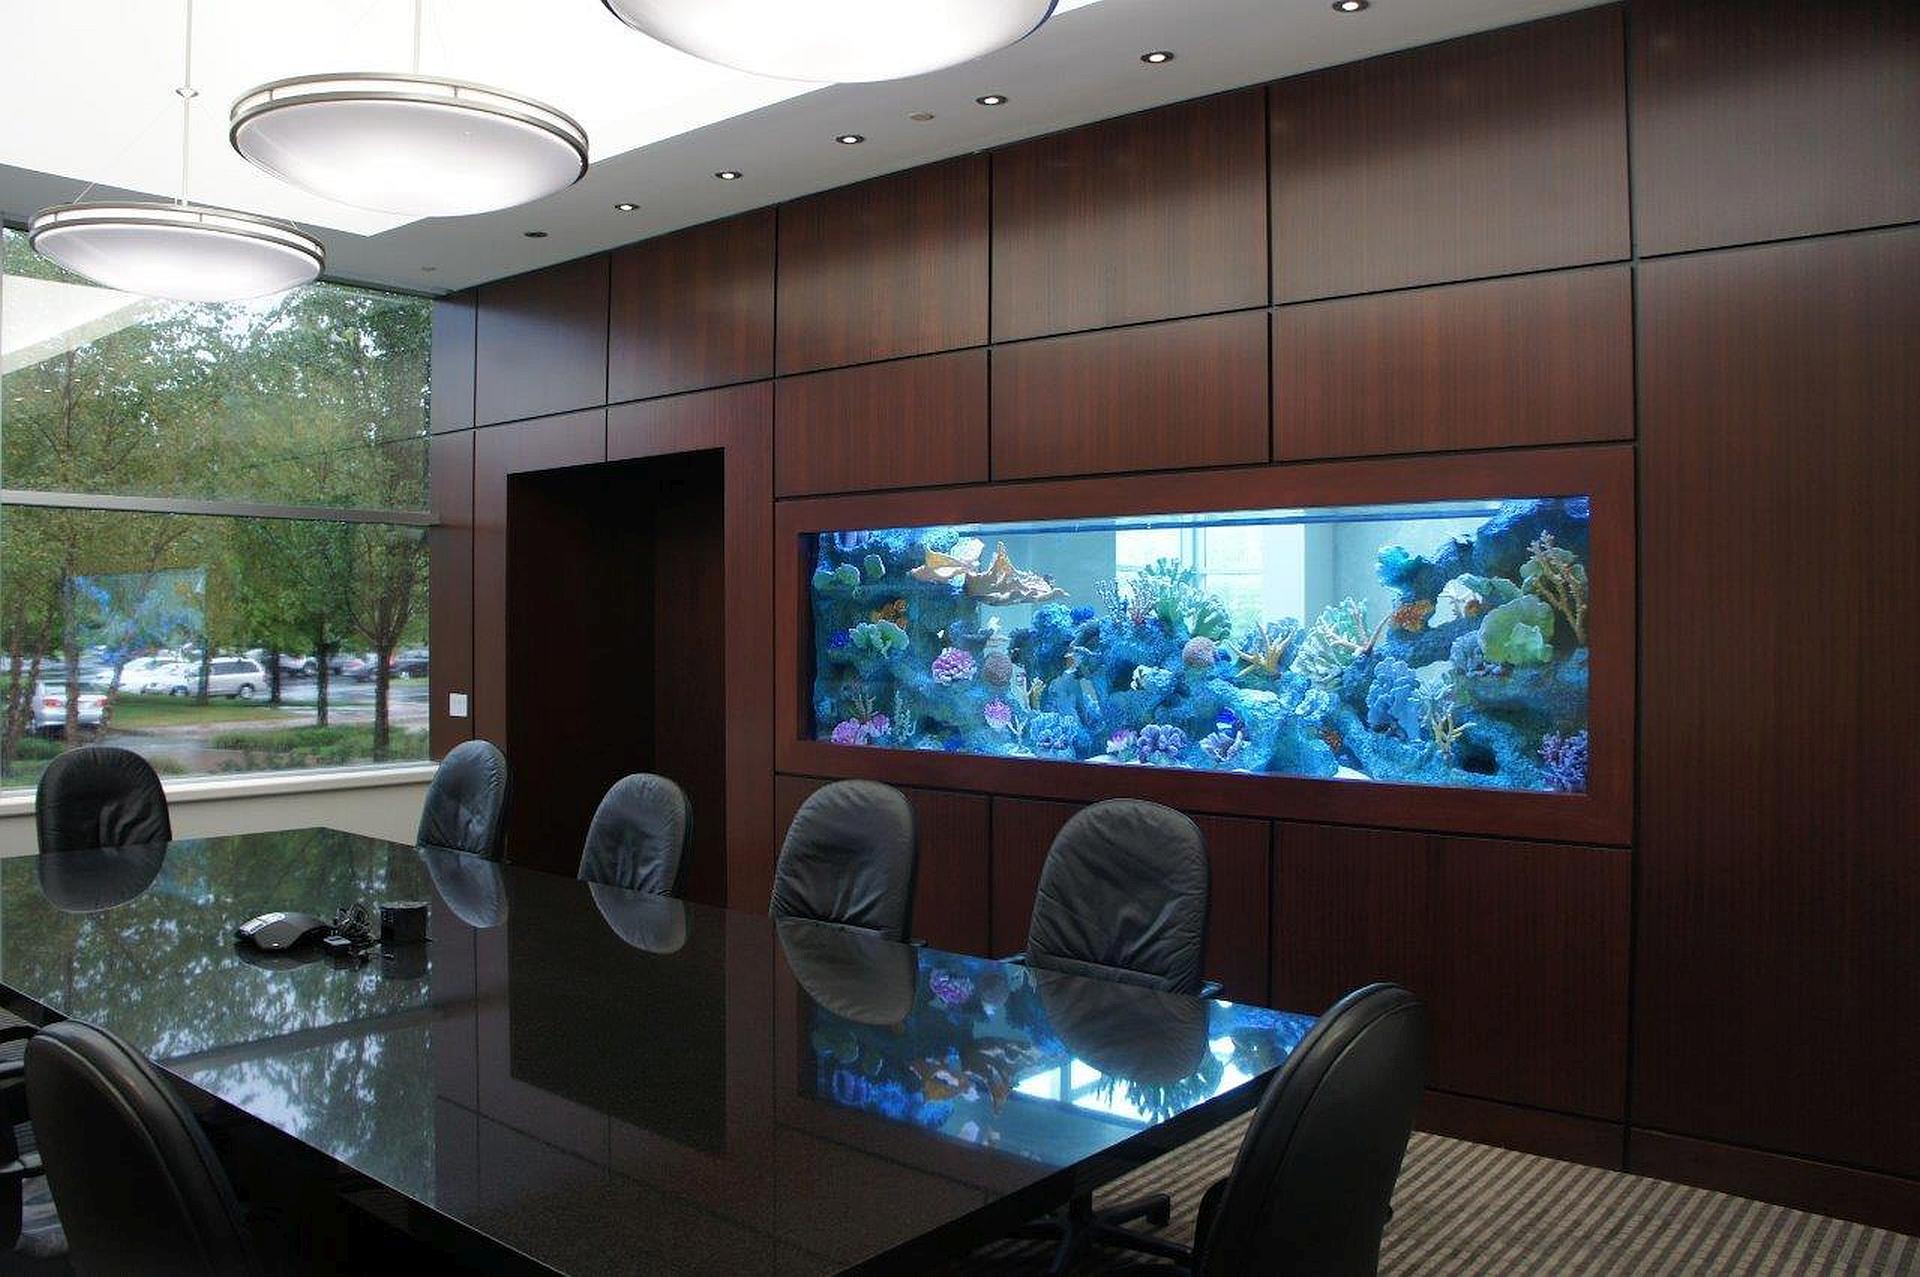 вариант большого встроенного в декоративную перегородку аквариума